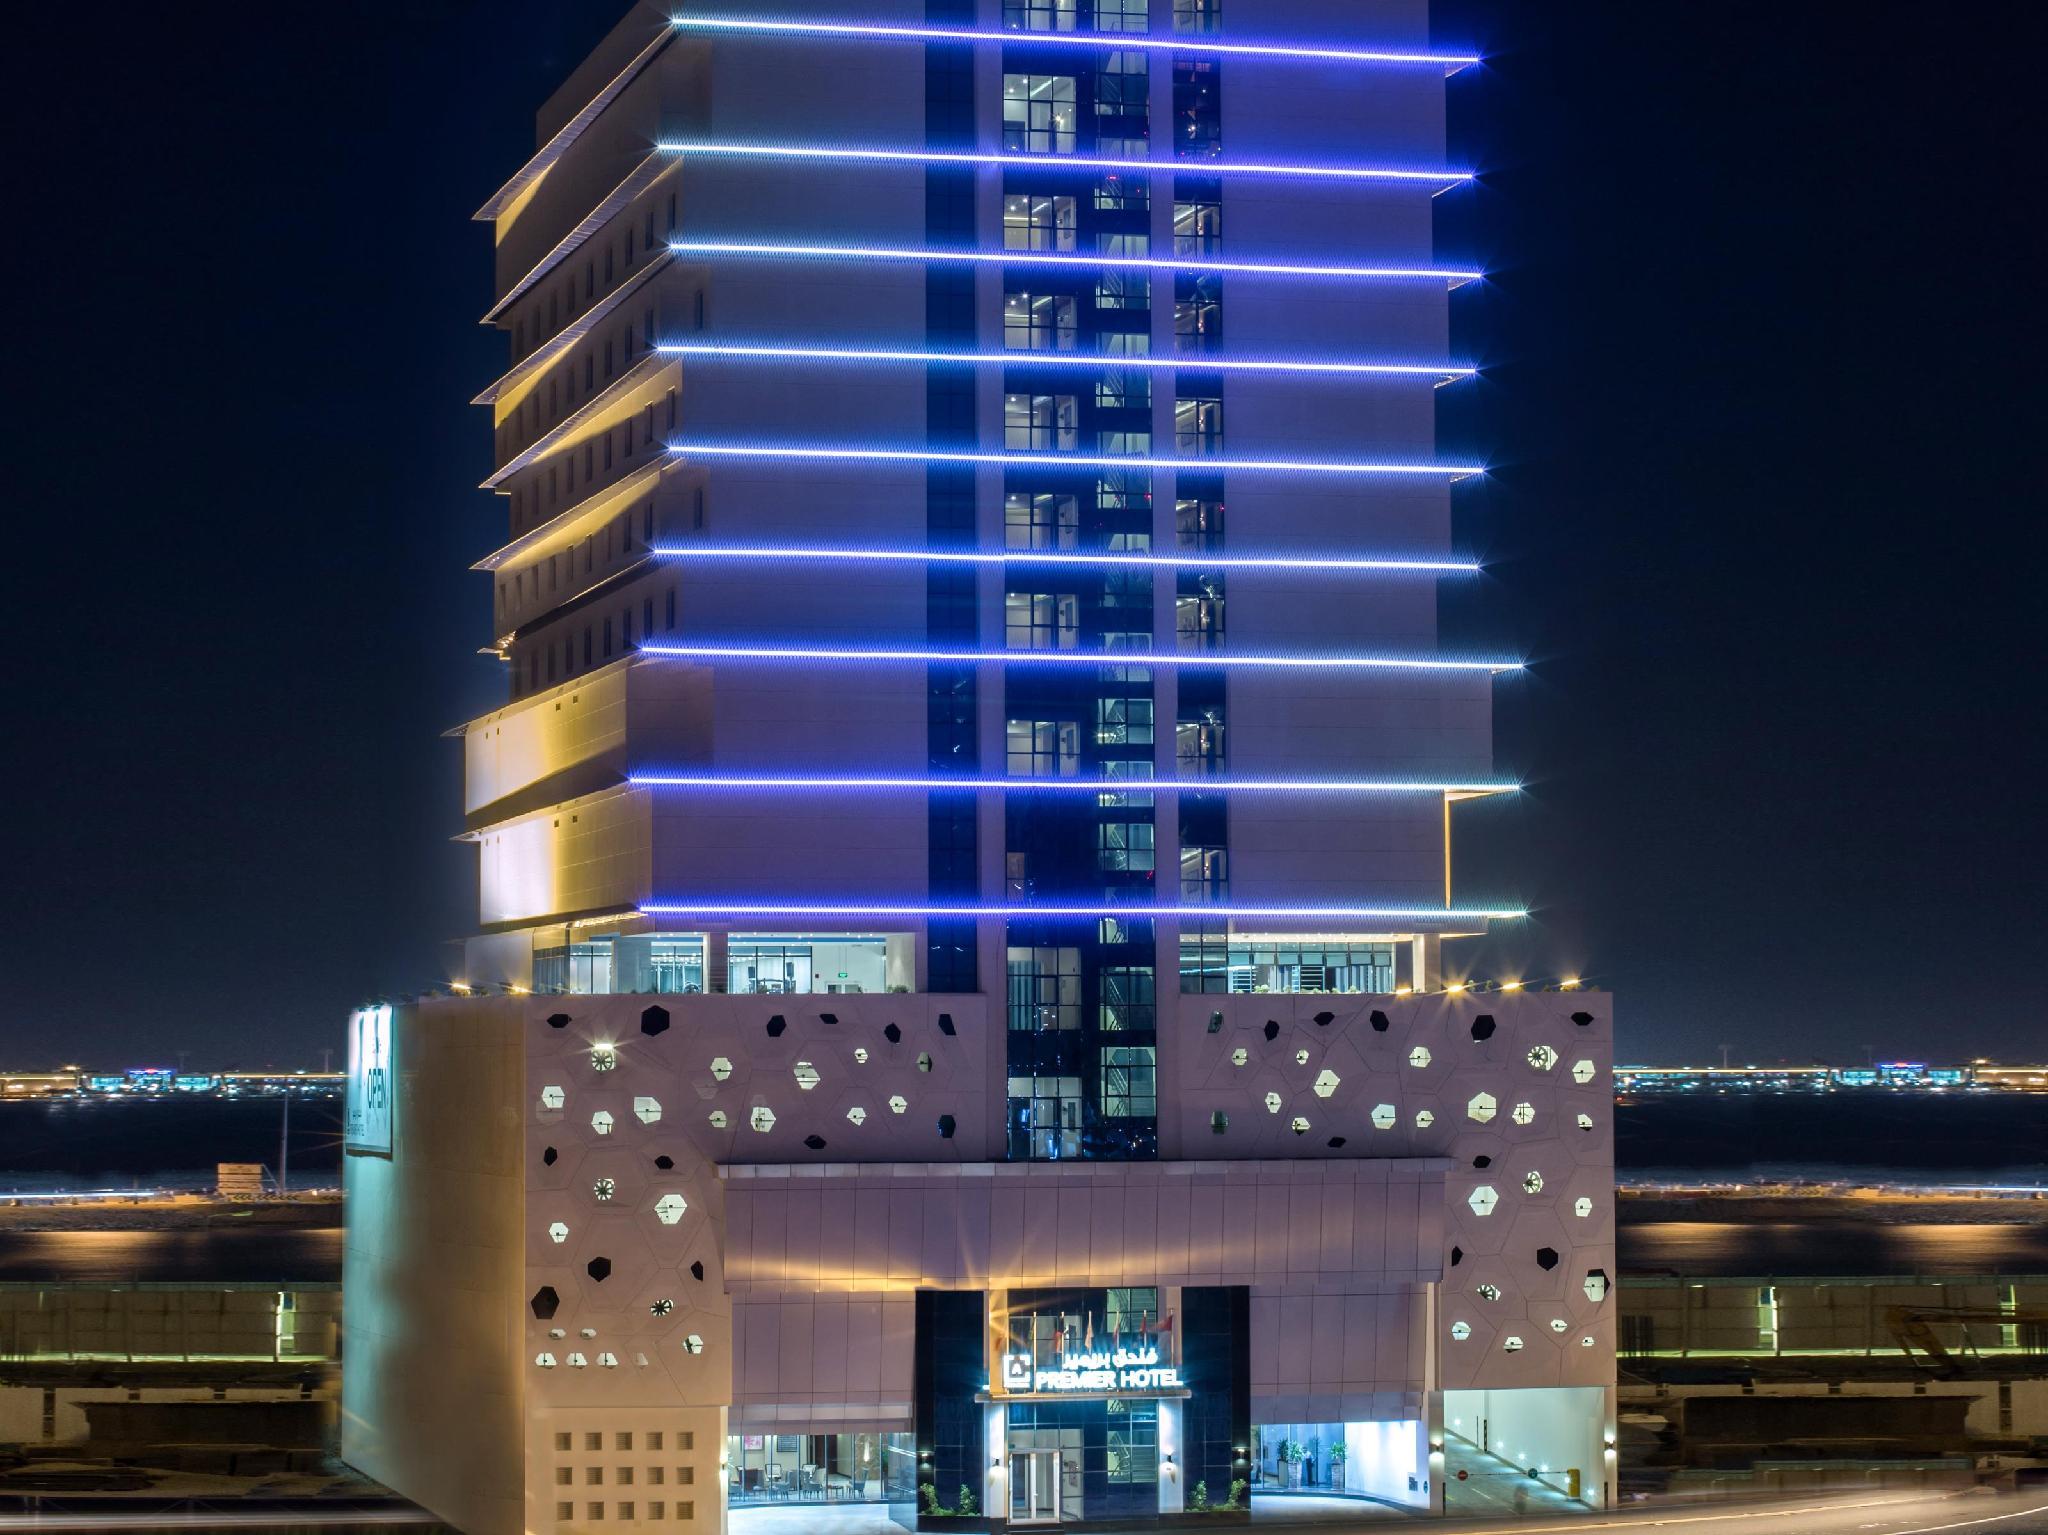 k swiss shoes bahrain hotels manama bahrain airport